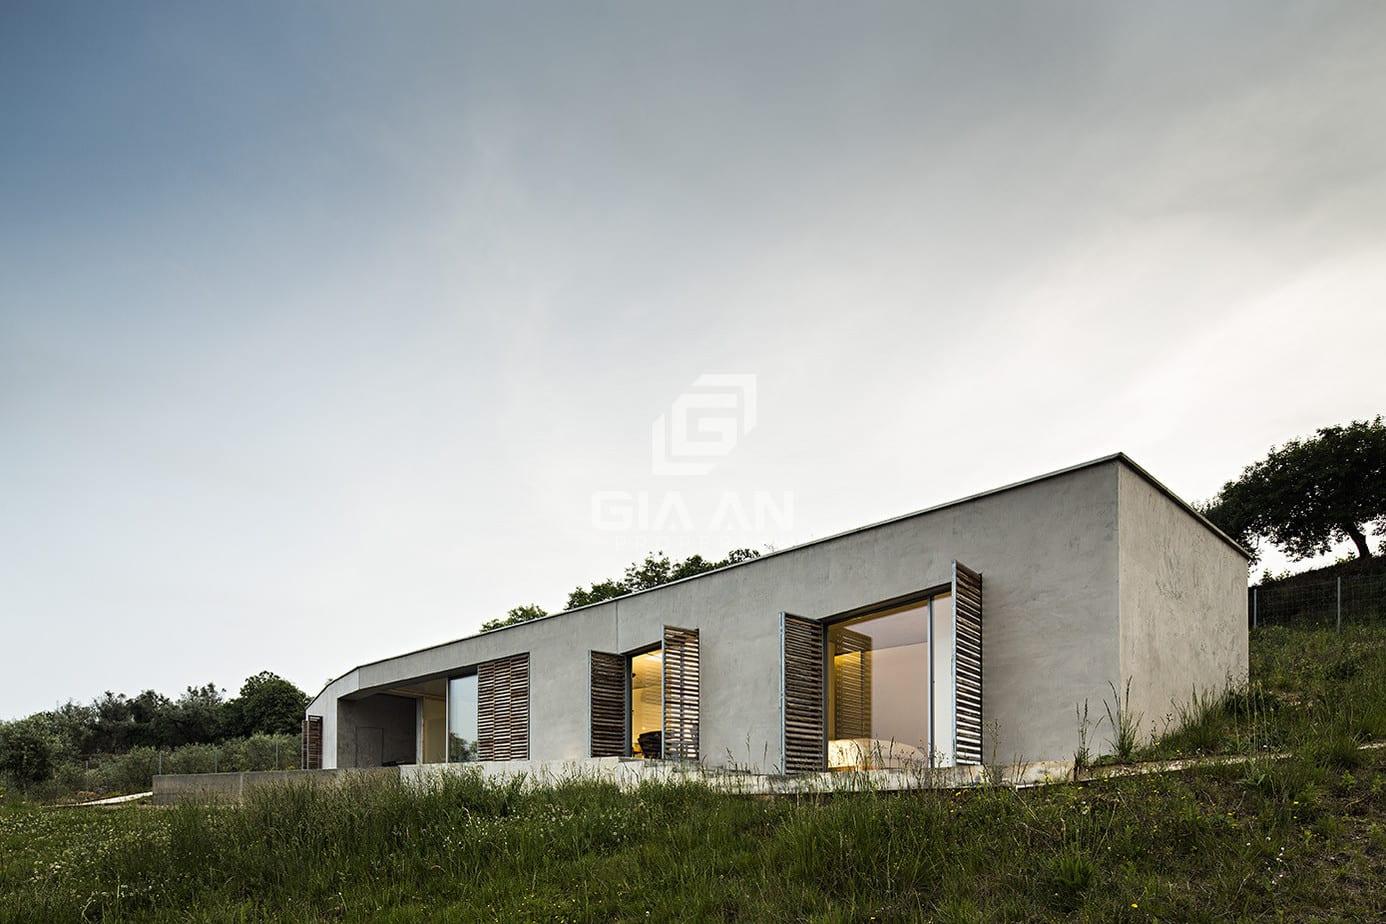 Không gian nghỉ dưỡng thoáng đẹp trên sườn đồi ở Bồ Đào Nha - 19